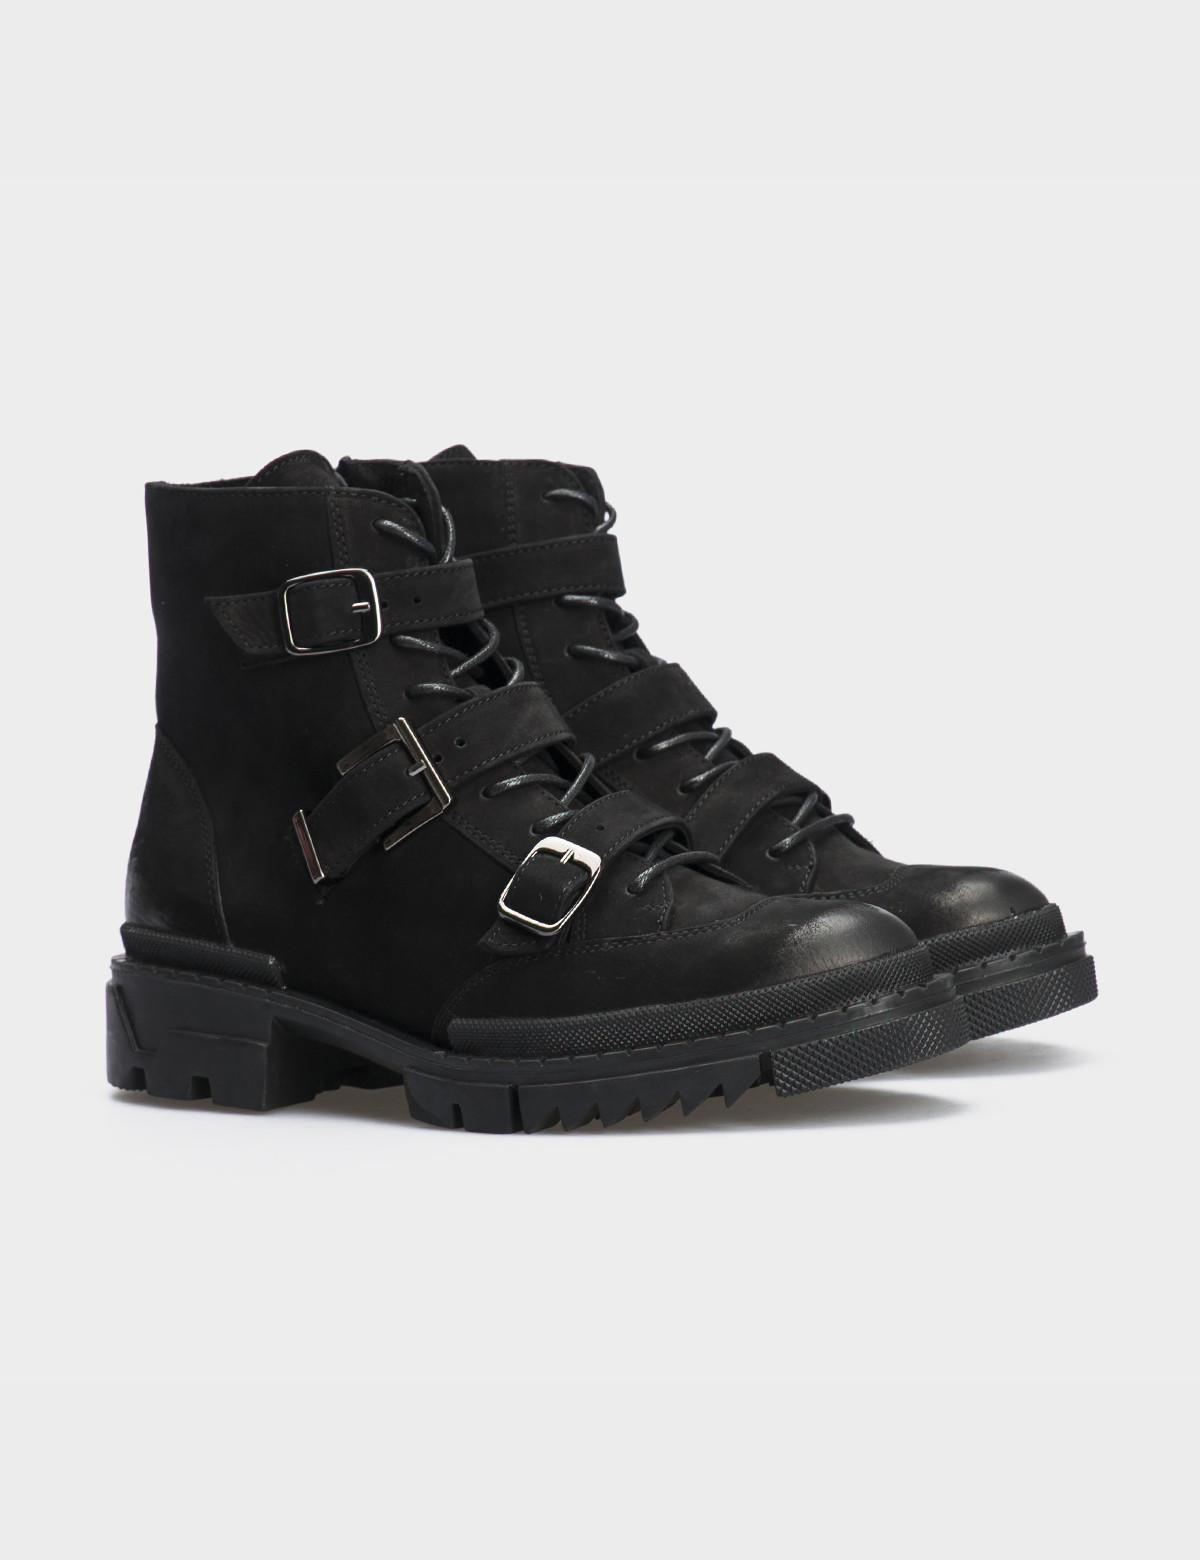 Ботинки черные натуральный нубук. Байка1